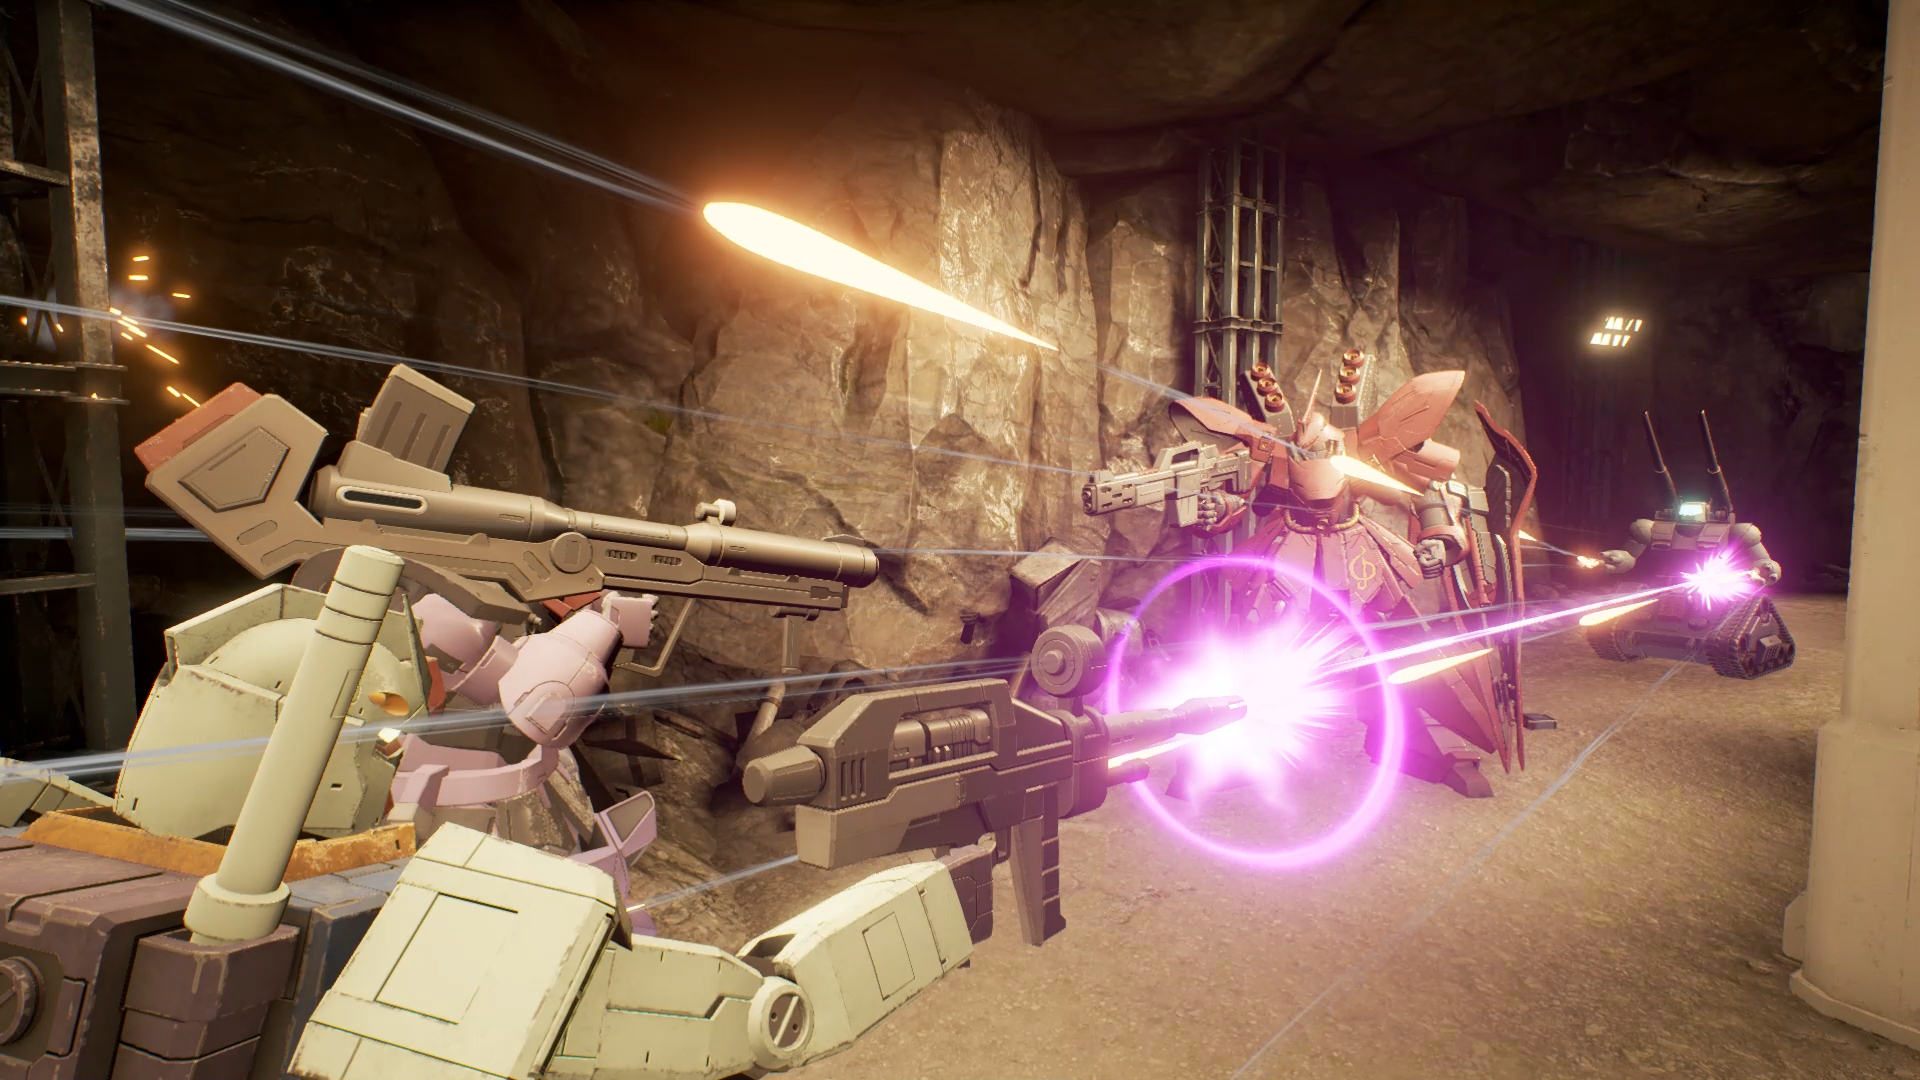 弾幕で強力な後方支援ができるガンタンク